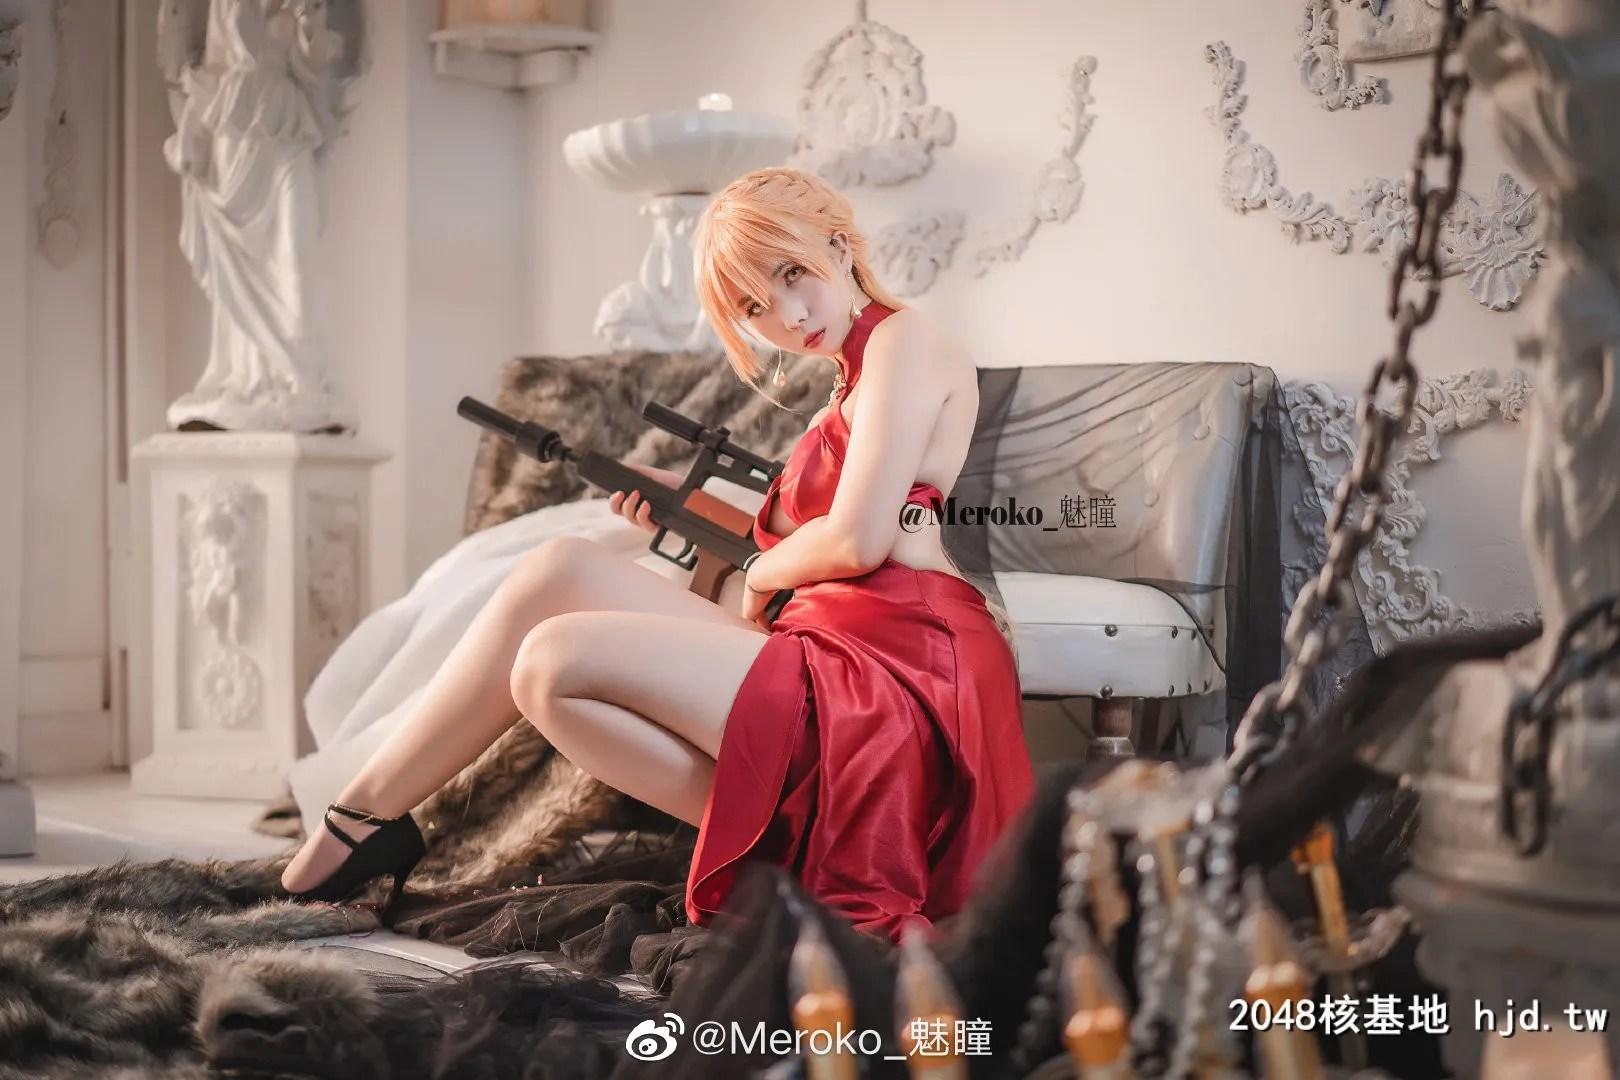 少女前线 OTs-14@Meroko_魅瞳 (8P)插图(4)